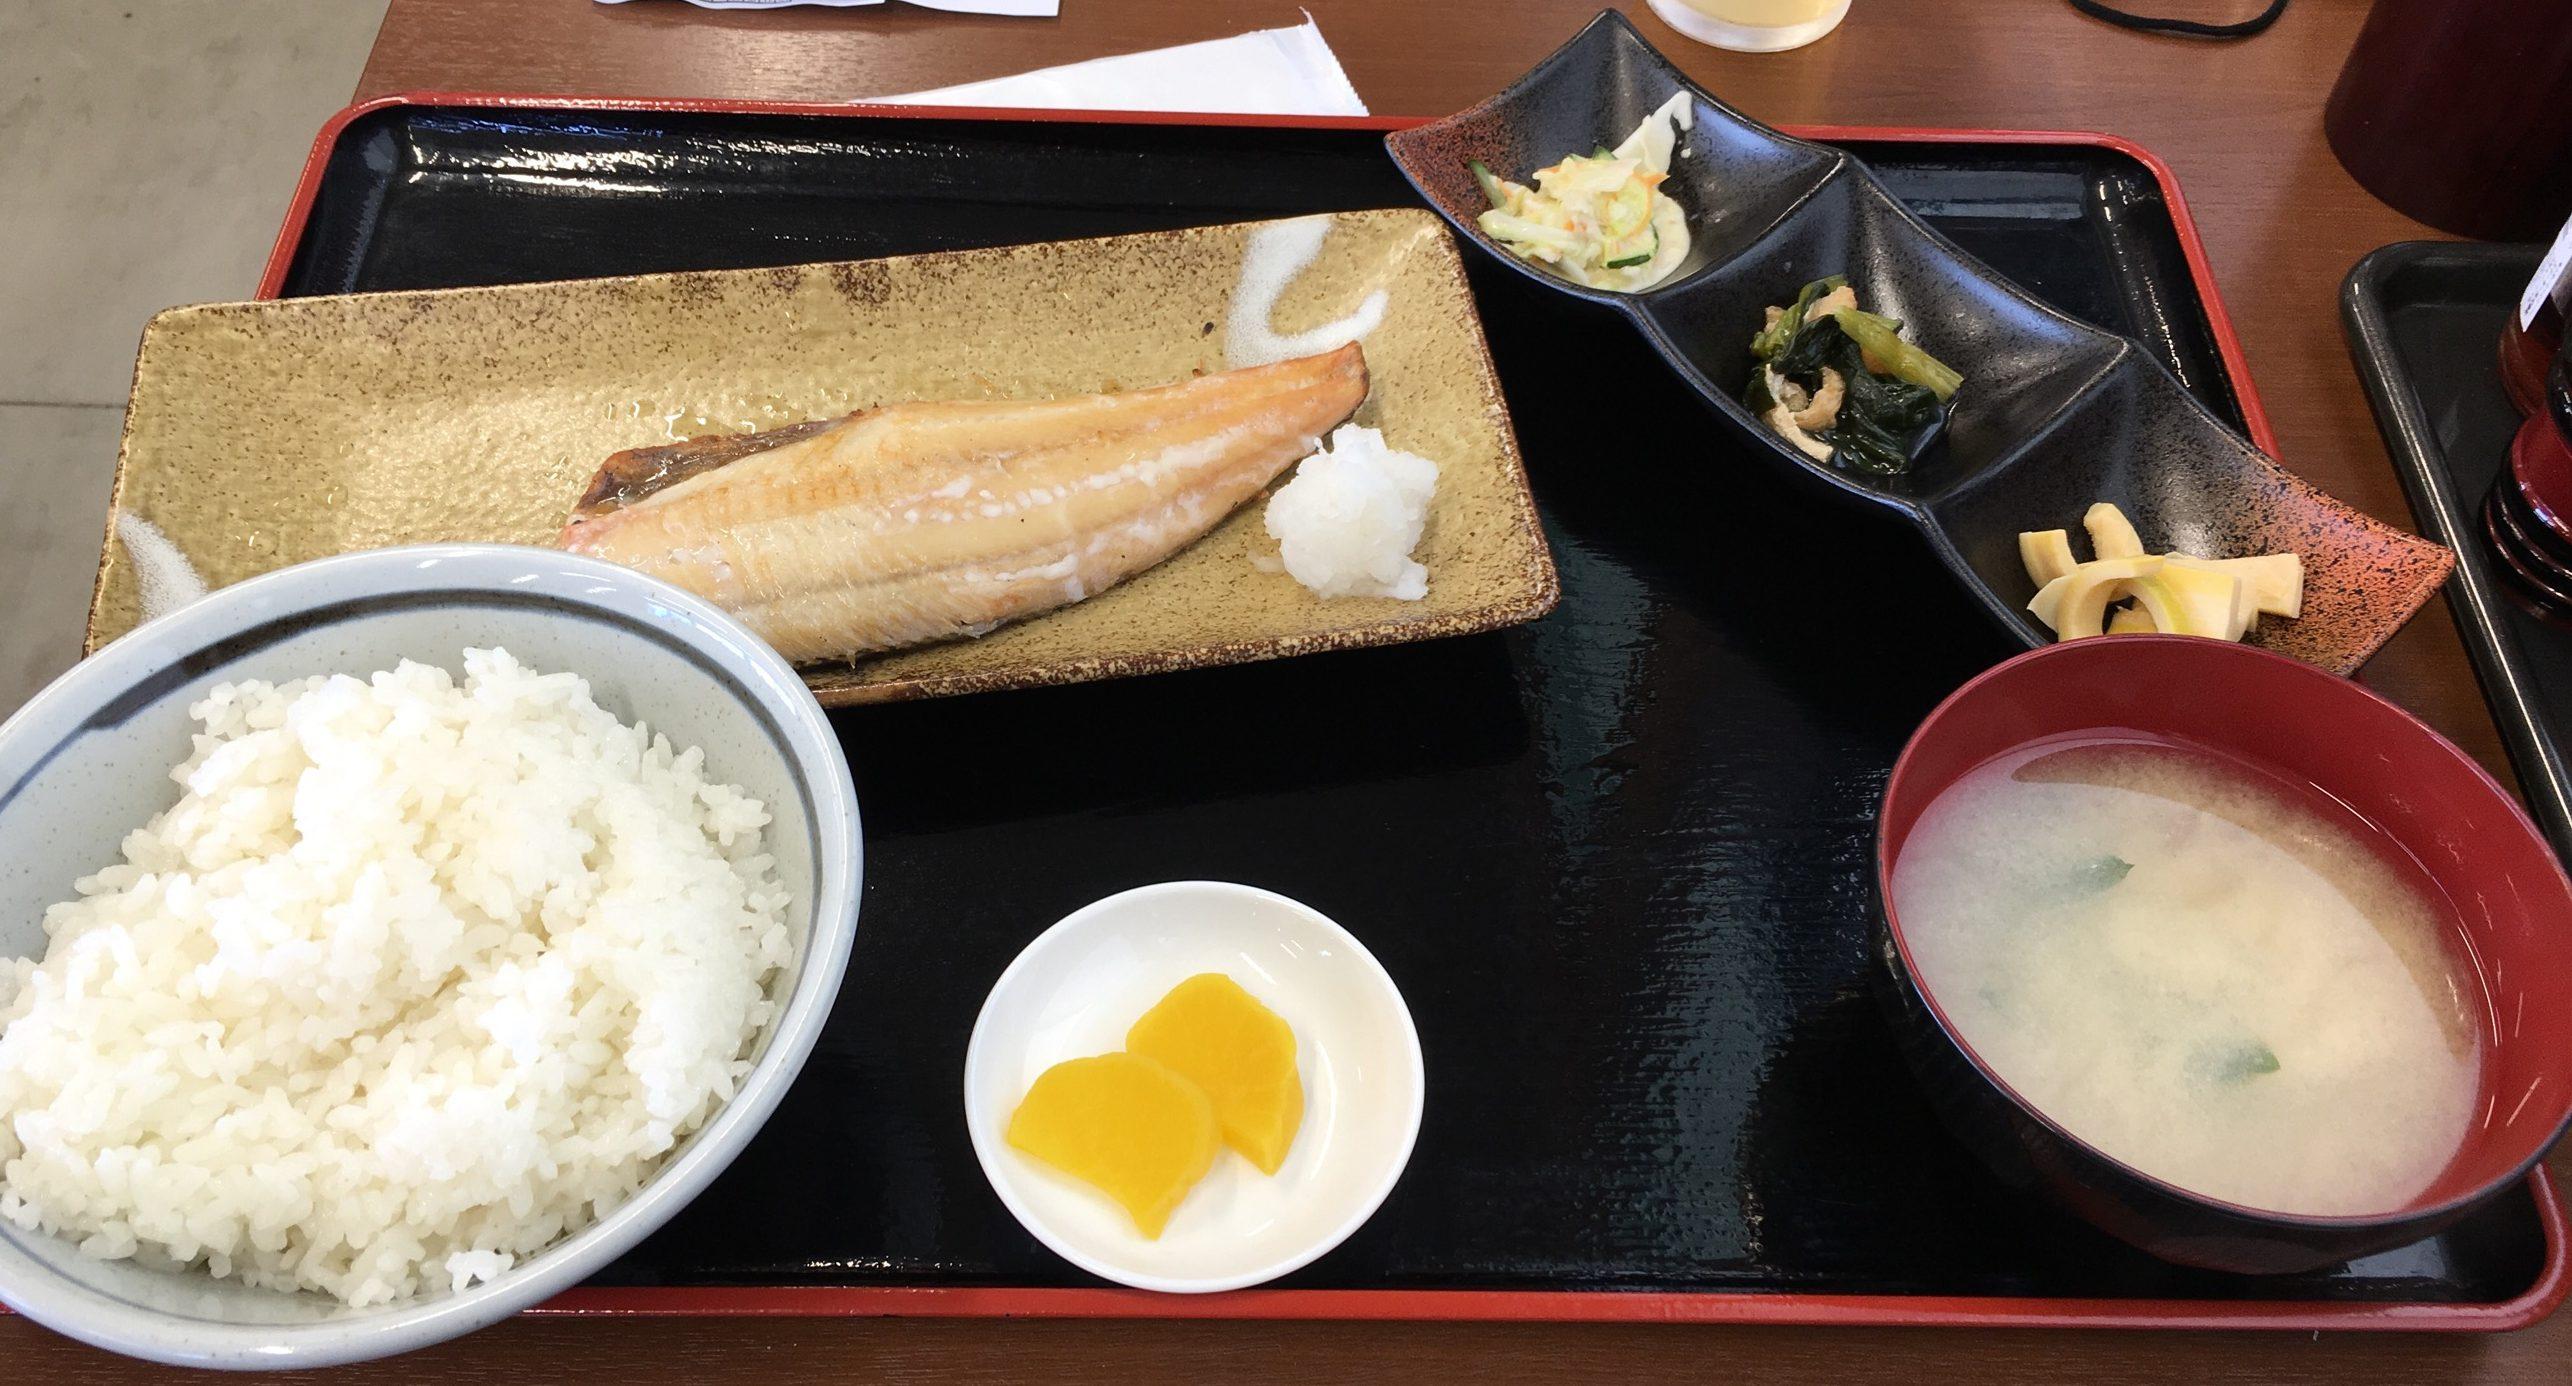 【さいたま市 岩槻区】「お食事処 山吹(やまぶき)」に行ってきた!